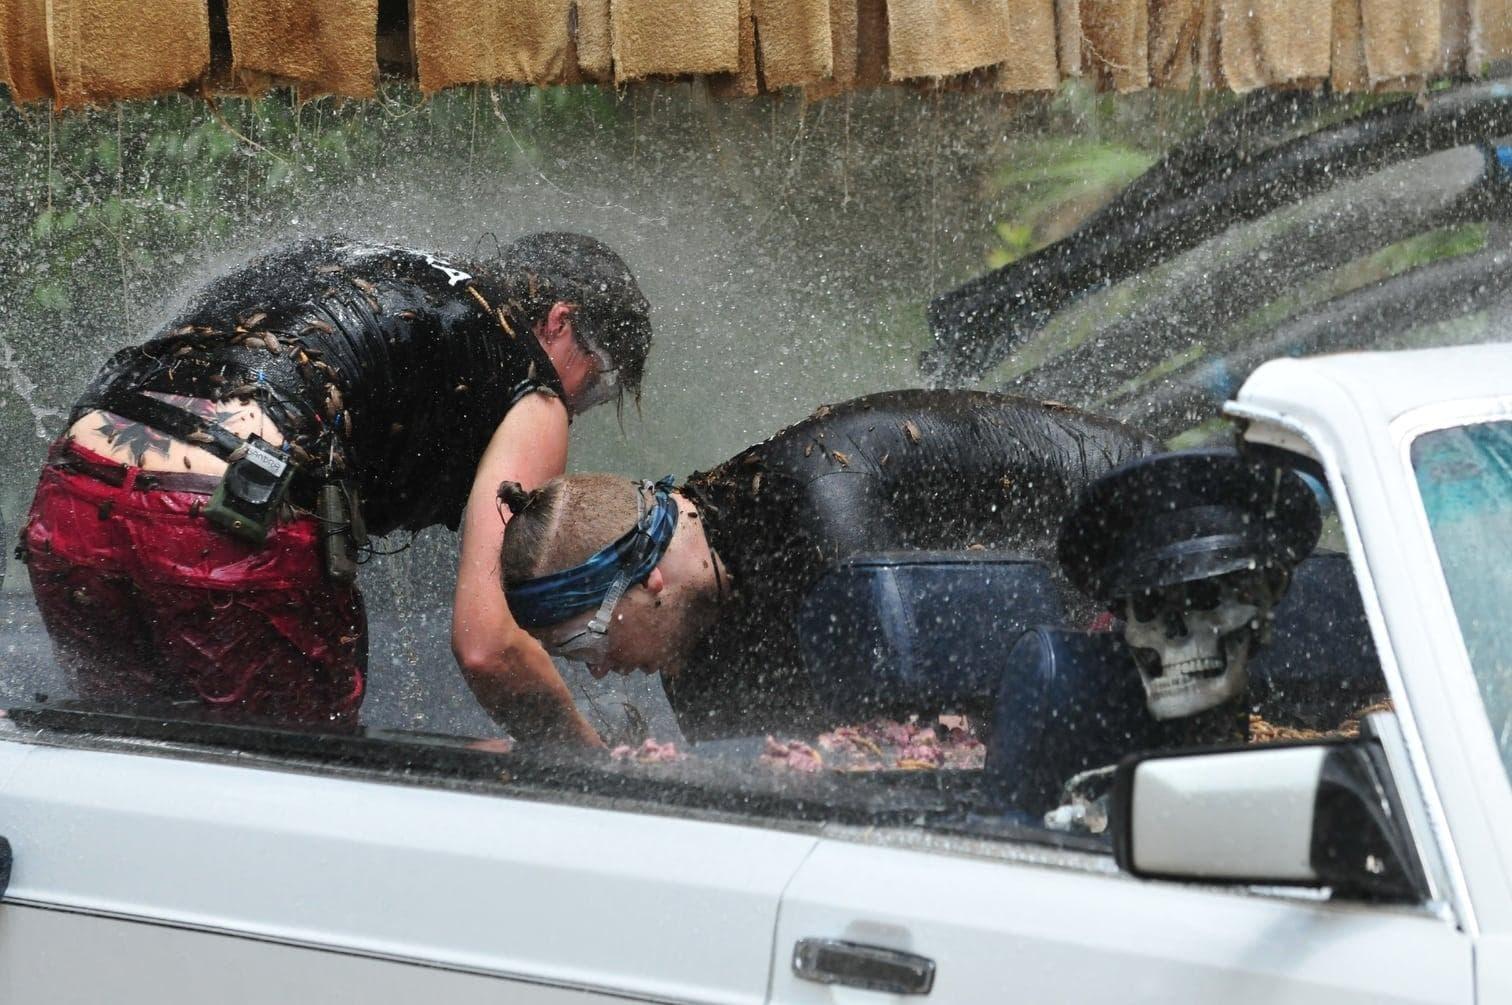 stinkende Tierinnereien und Dschungelschleim sind überall großzügig im Innern des Autos verteilt.</p> Foto: TV NOW / Stefan Menne